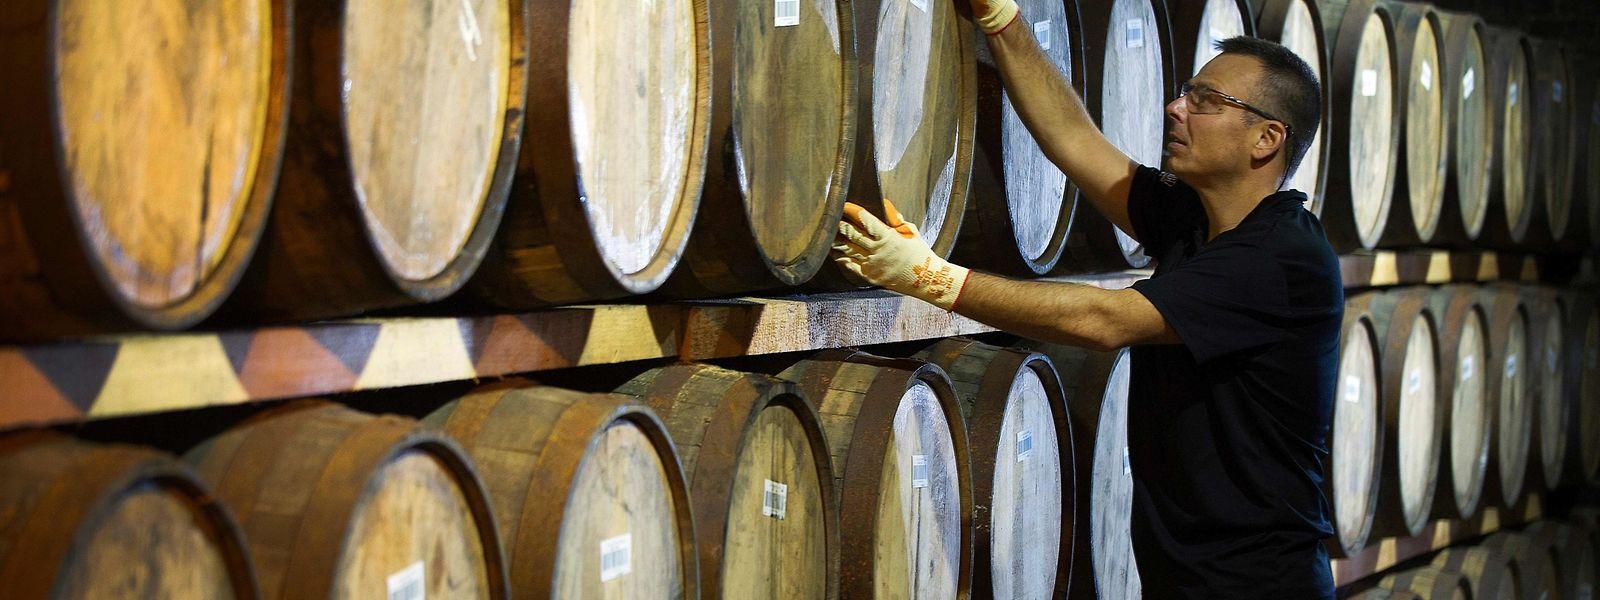 Wein gehört zu den Waren, die für amerikanische Verbraucher demnächst teurer werden.